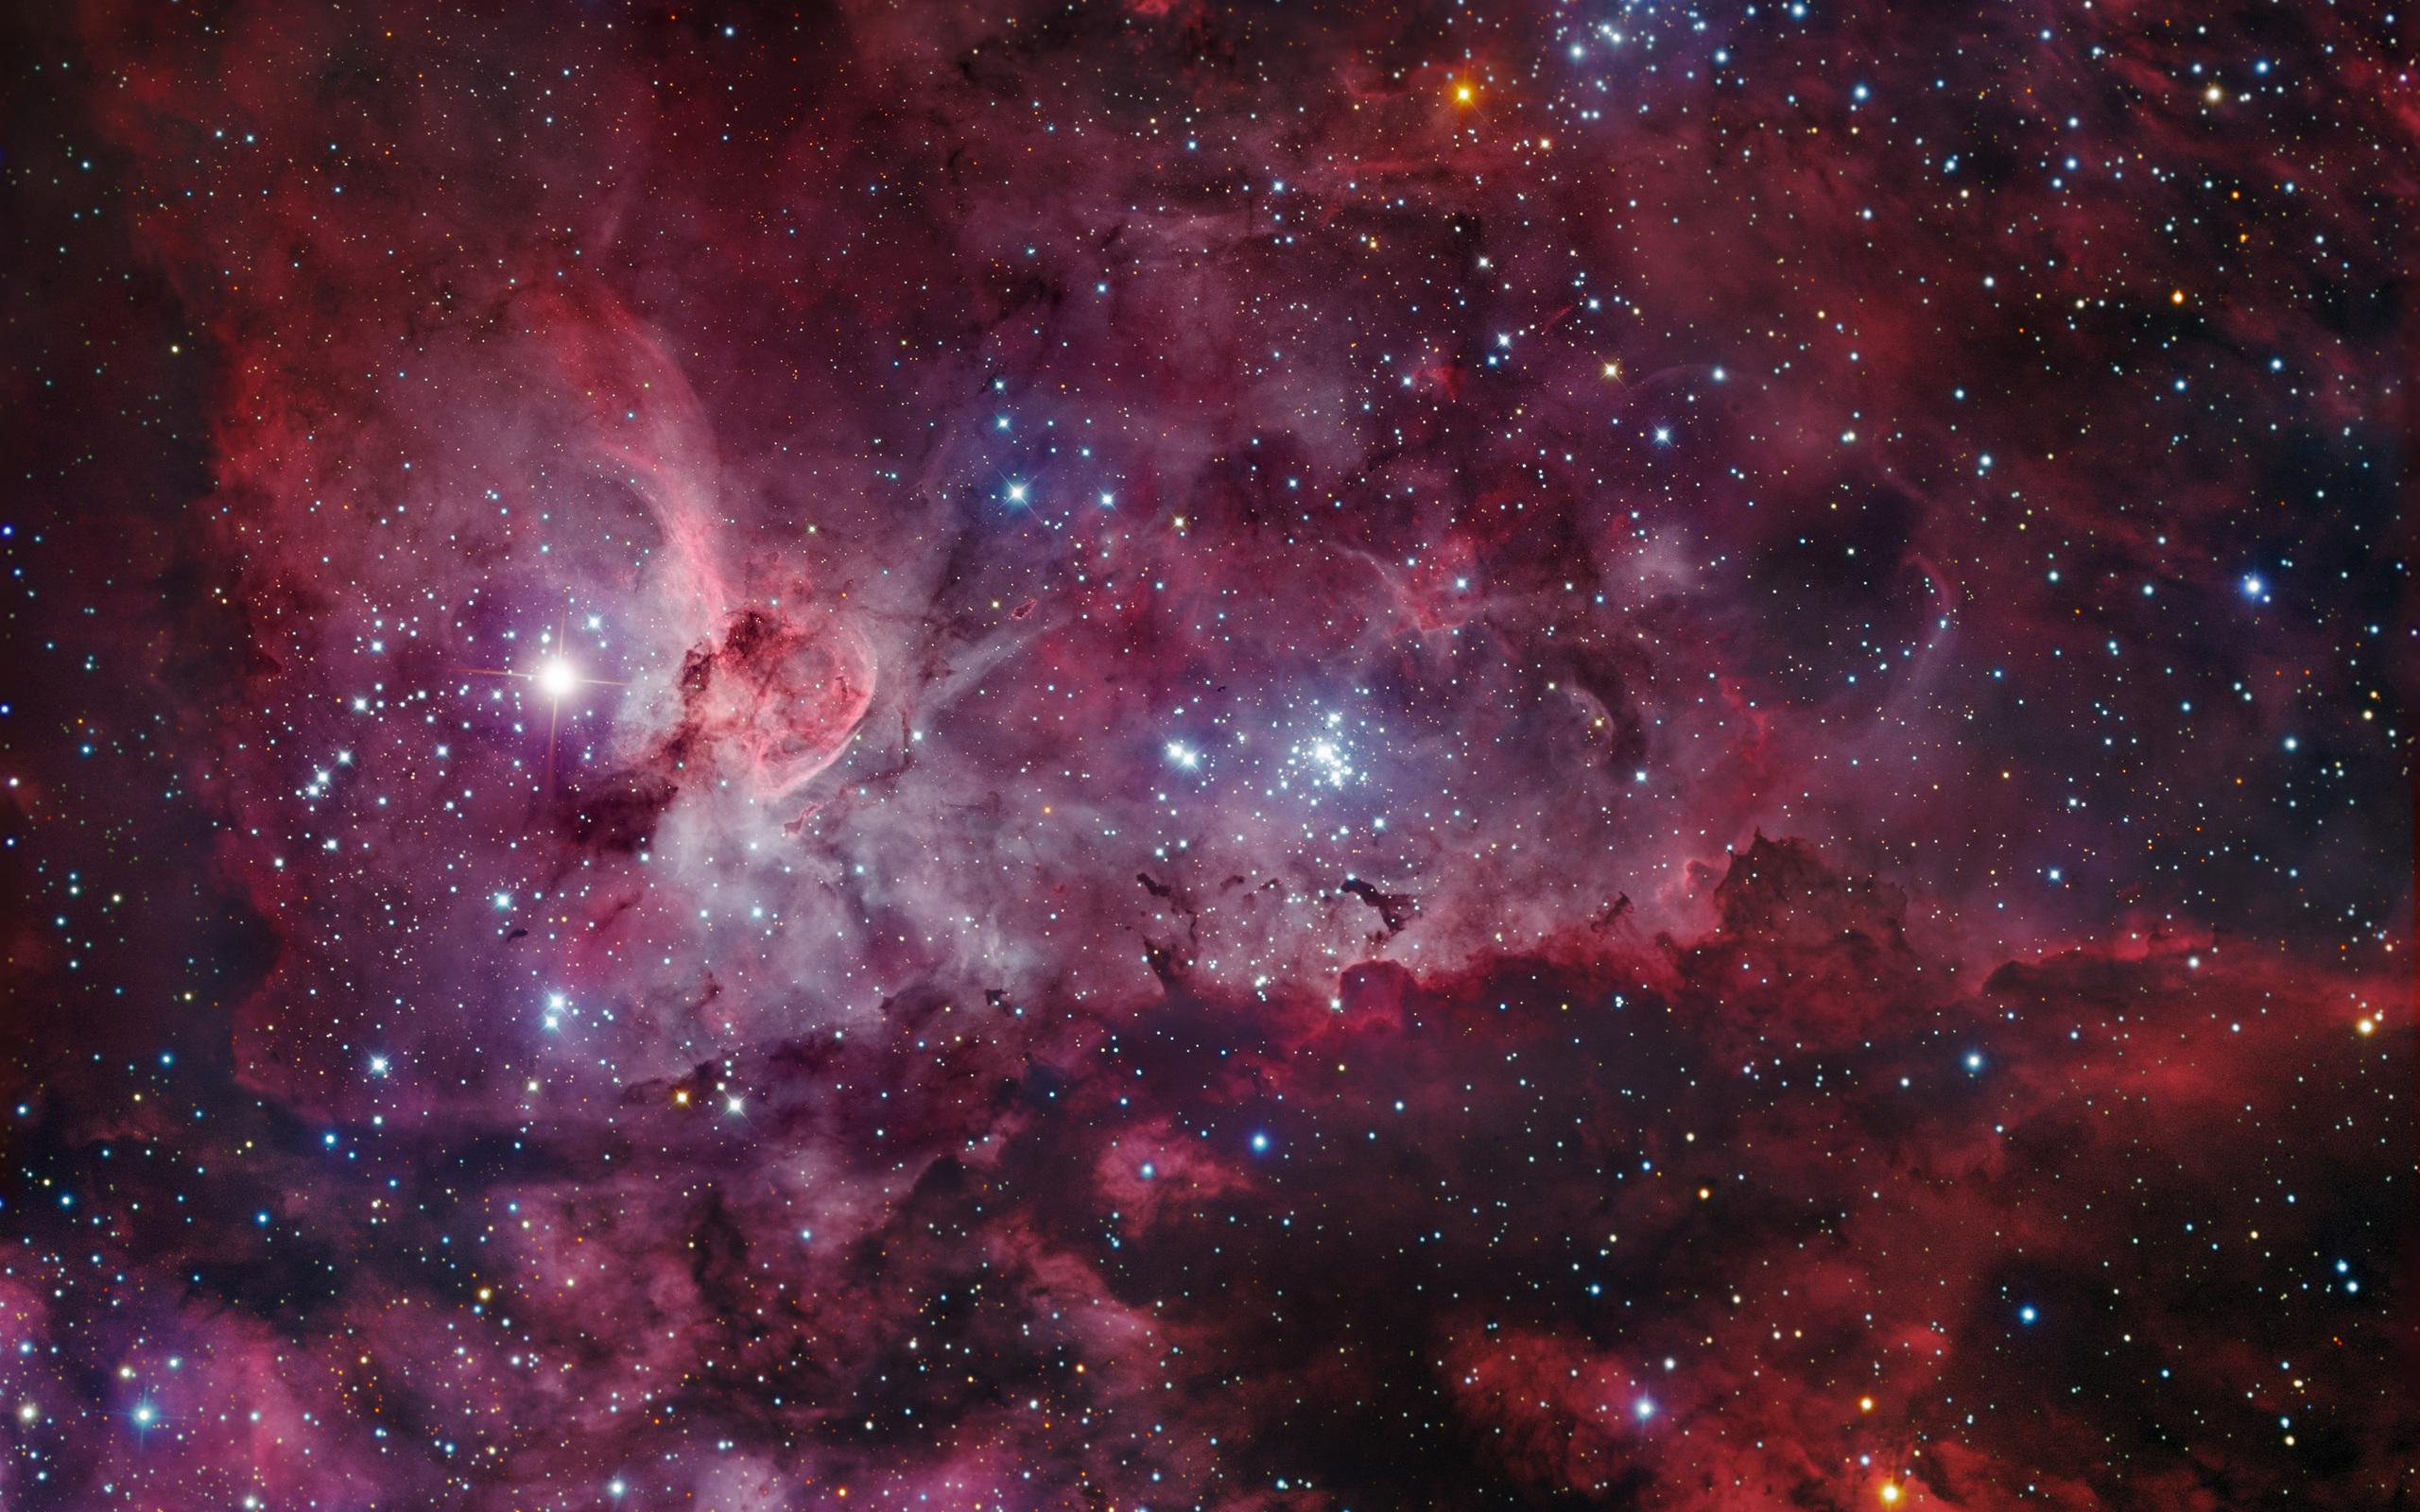 Nebula Wallpaper carina ngc 3372 stars universe 2560x1600